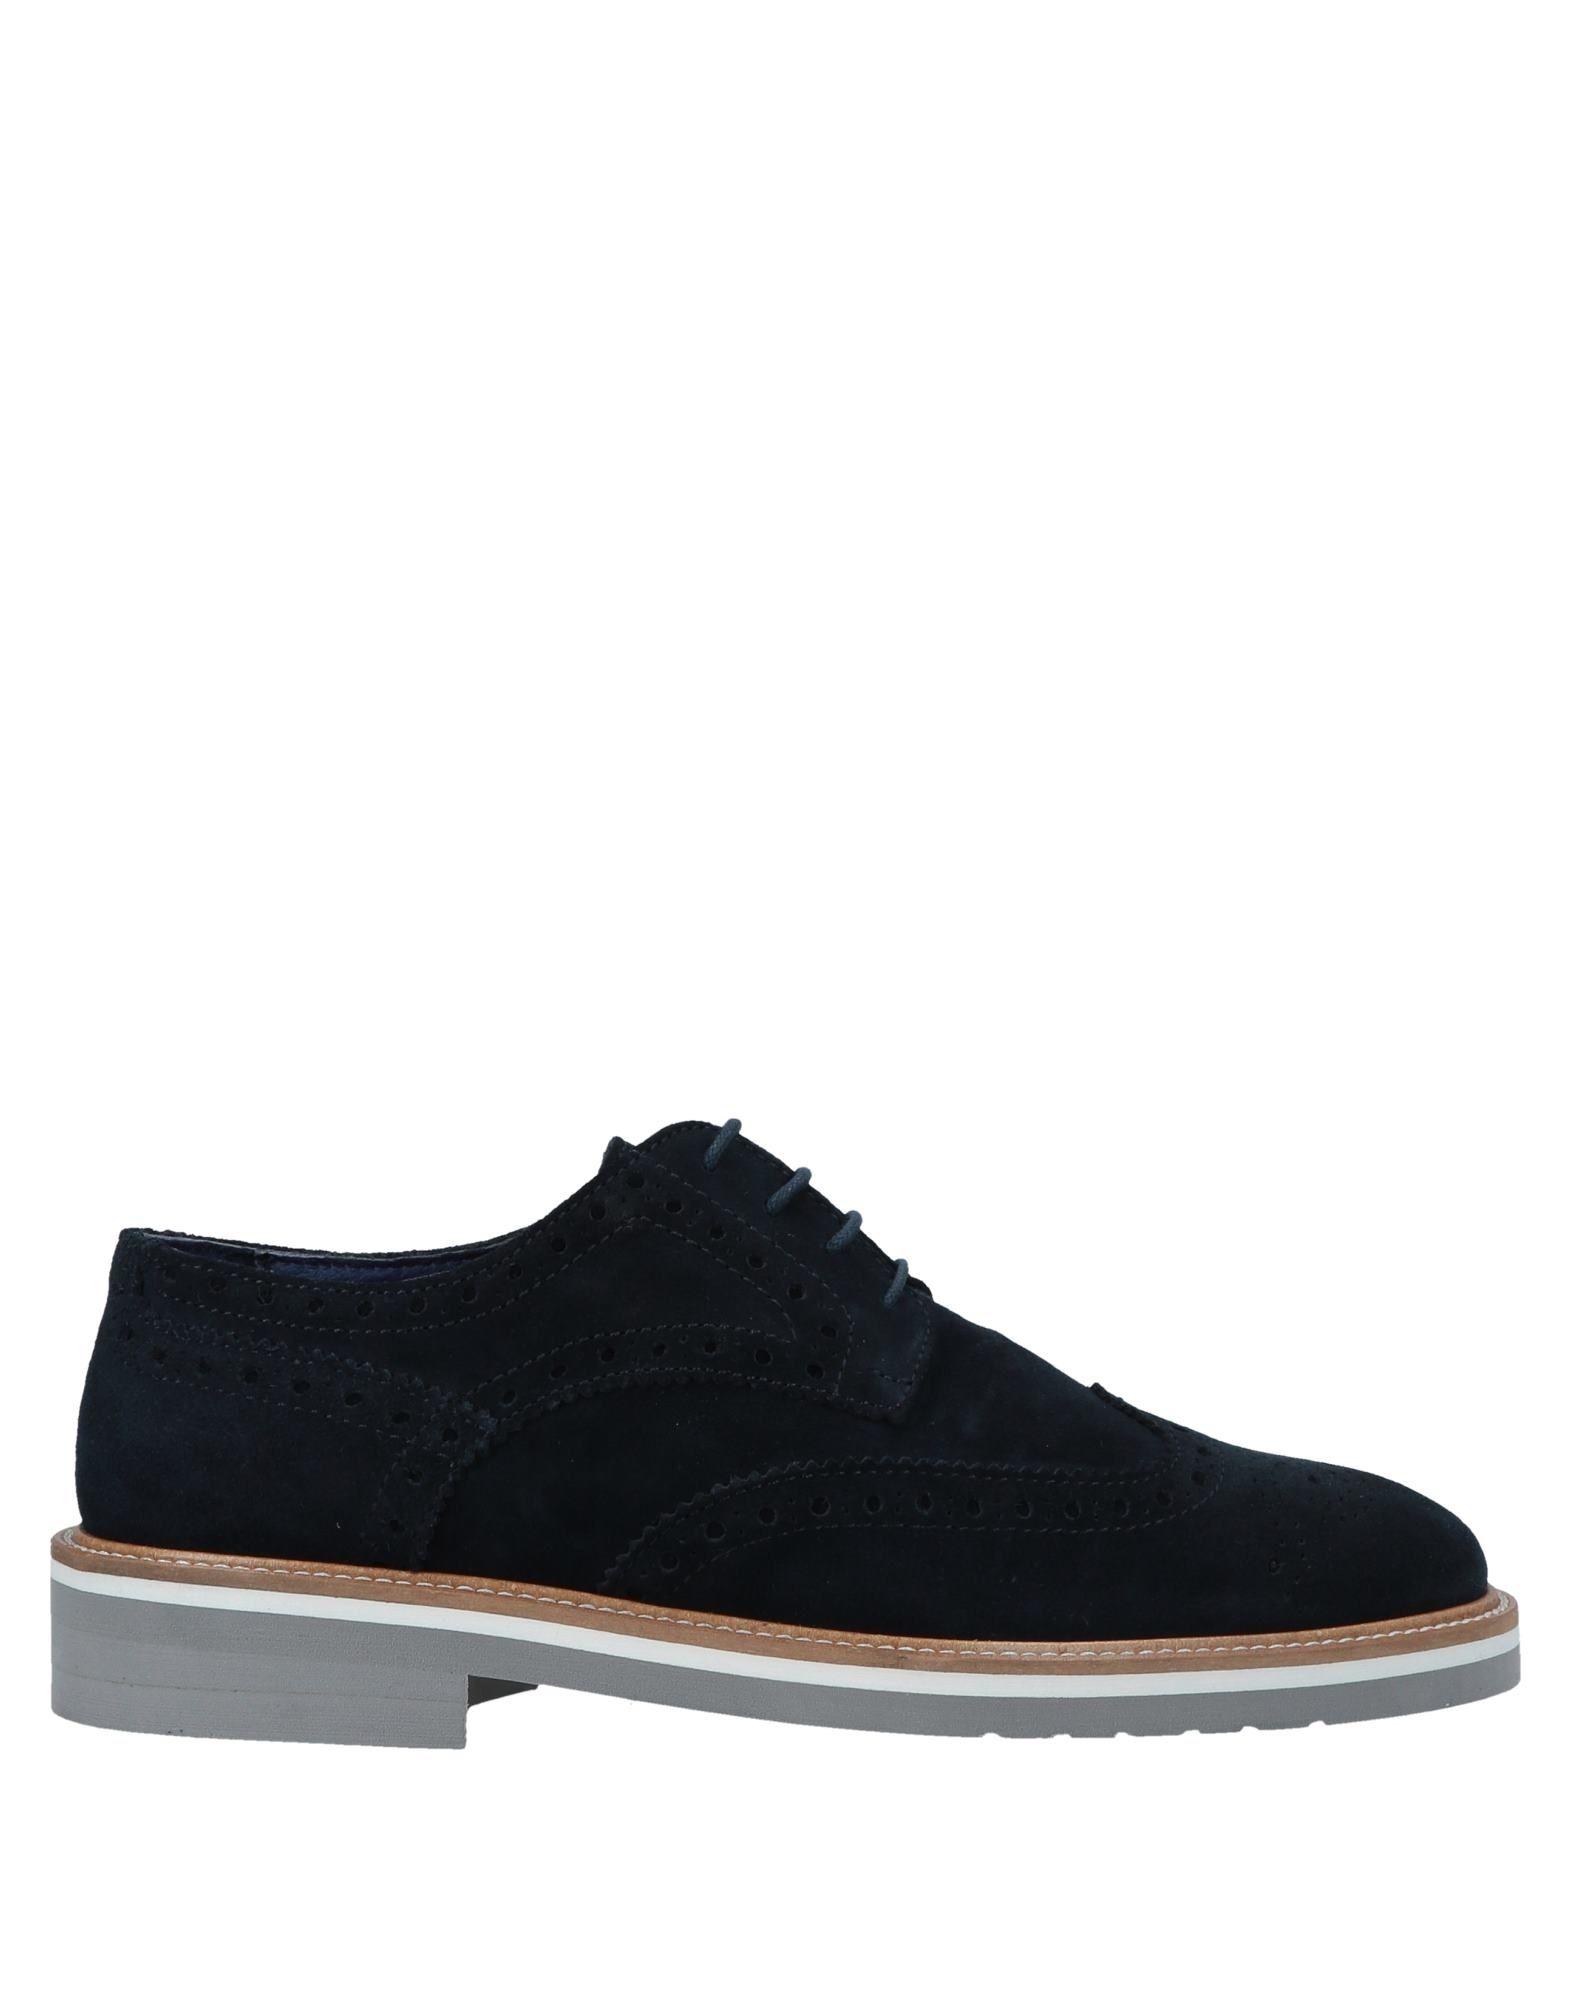 Фото - BARBATI Обувь на шнурках обувь на высокой платформе dkny